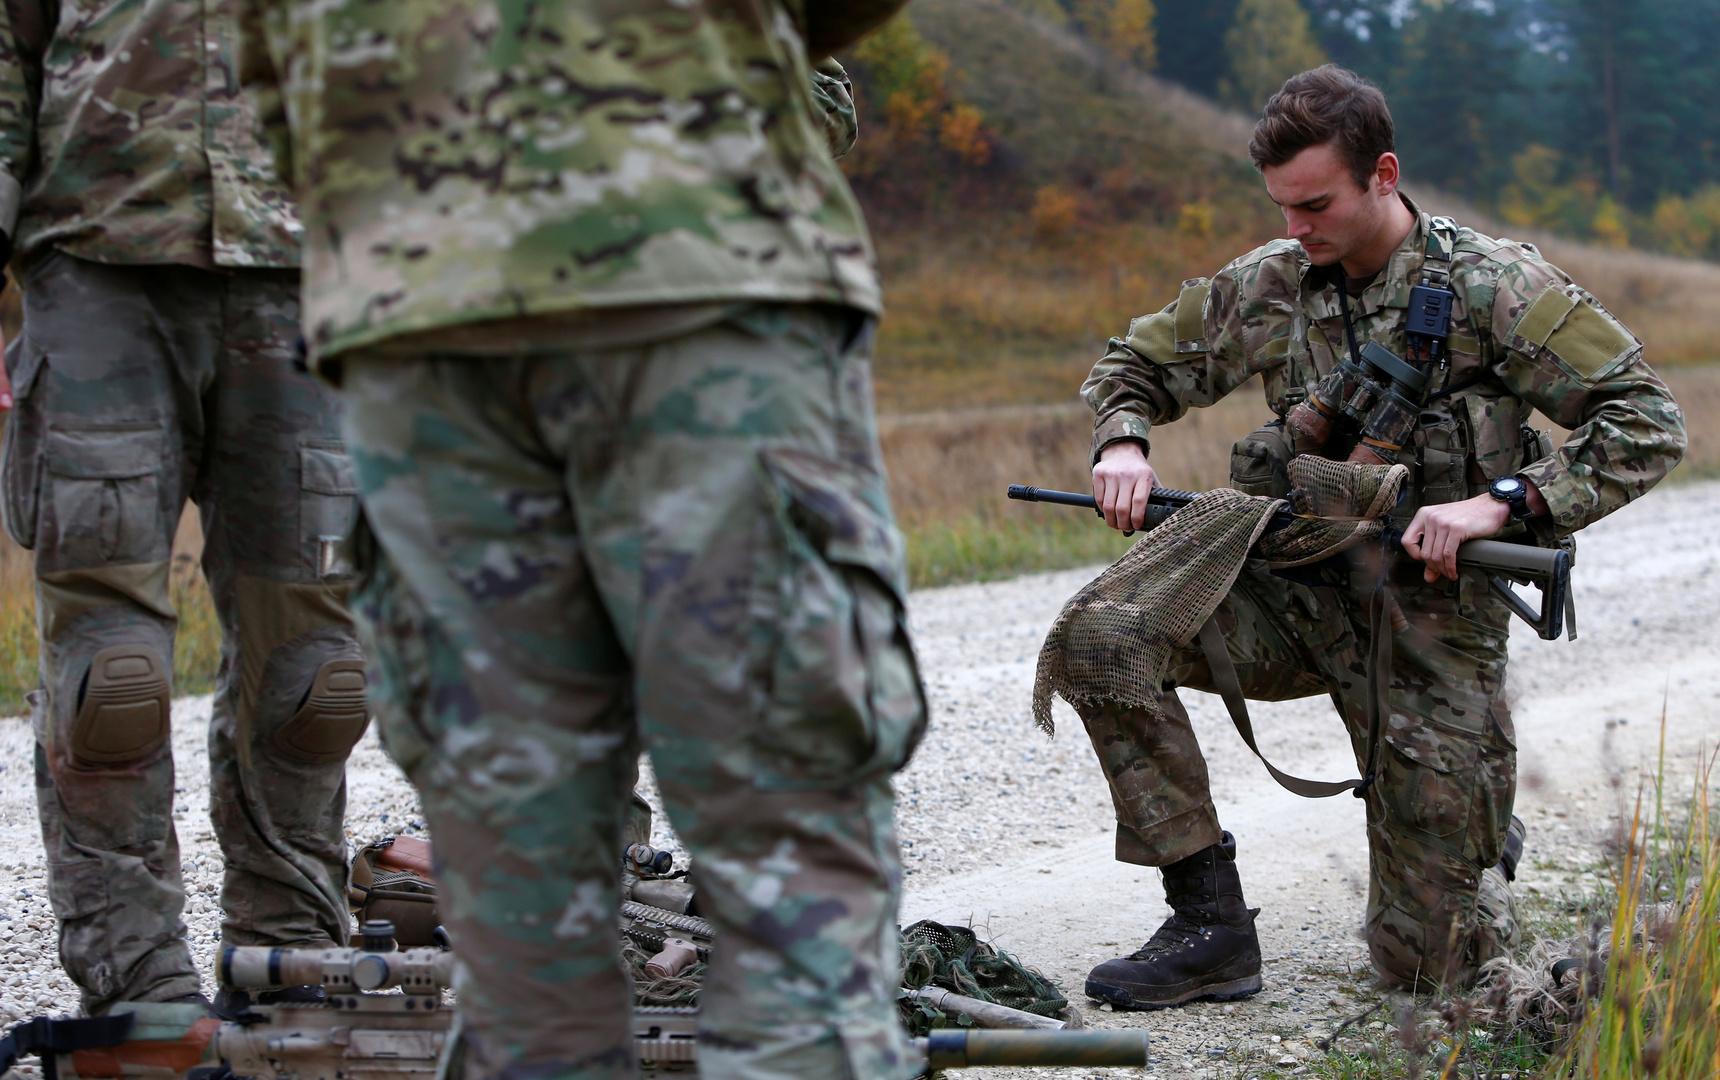 الدنمارك تنضم إلى بعثة تأمين هرمز بفرقاطة و155 عسكريا